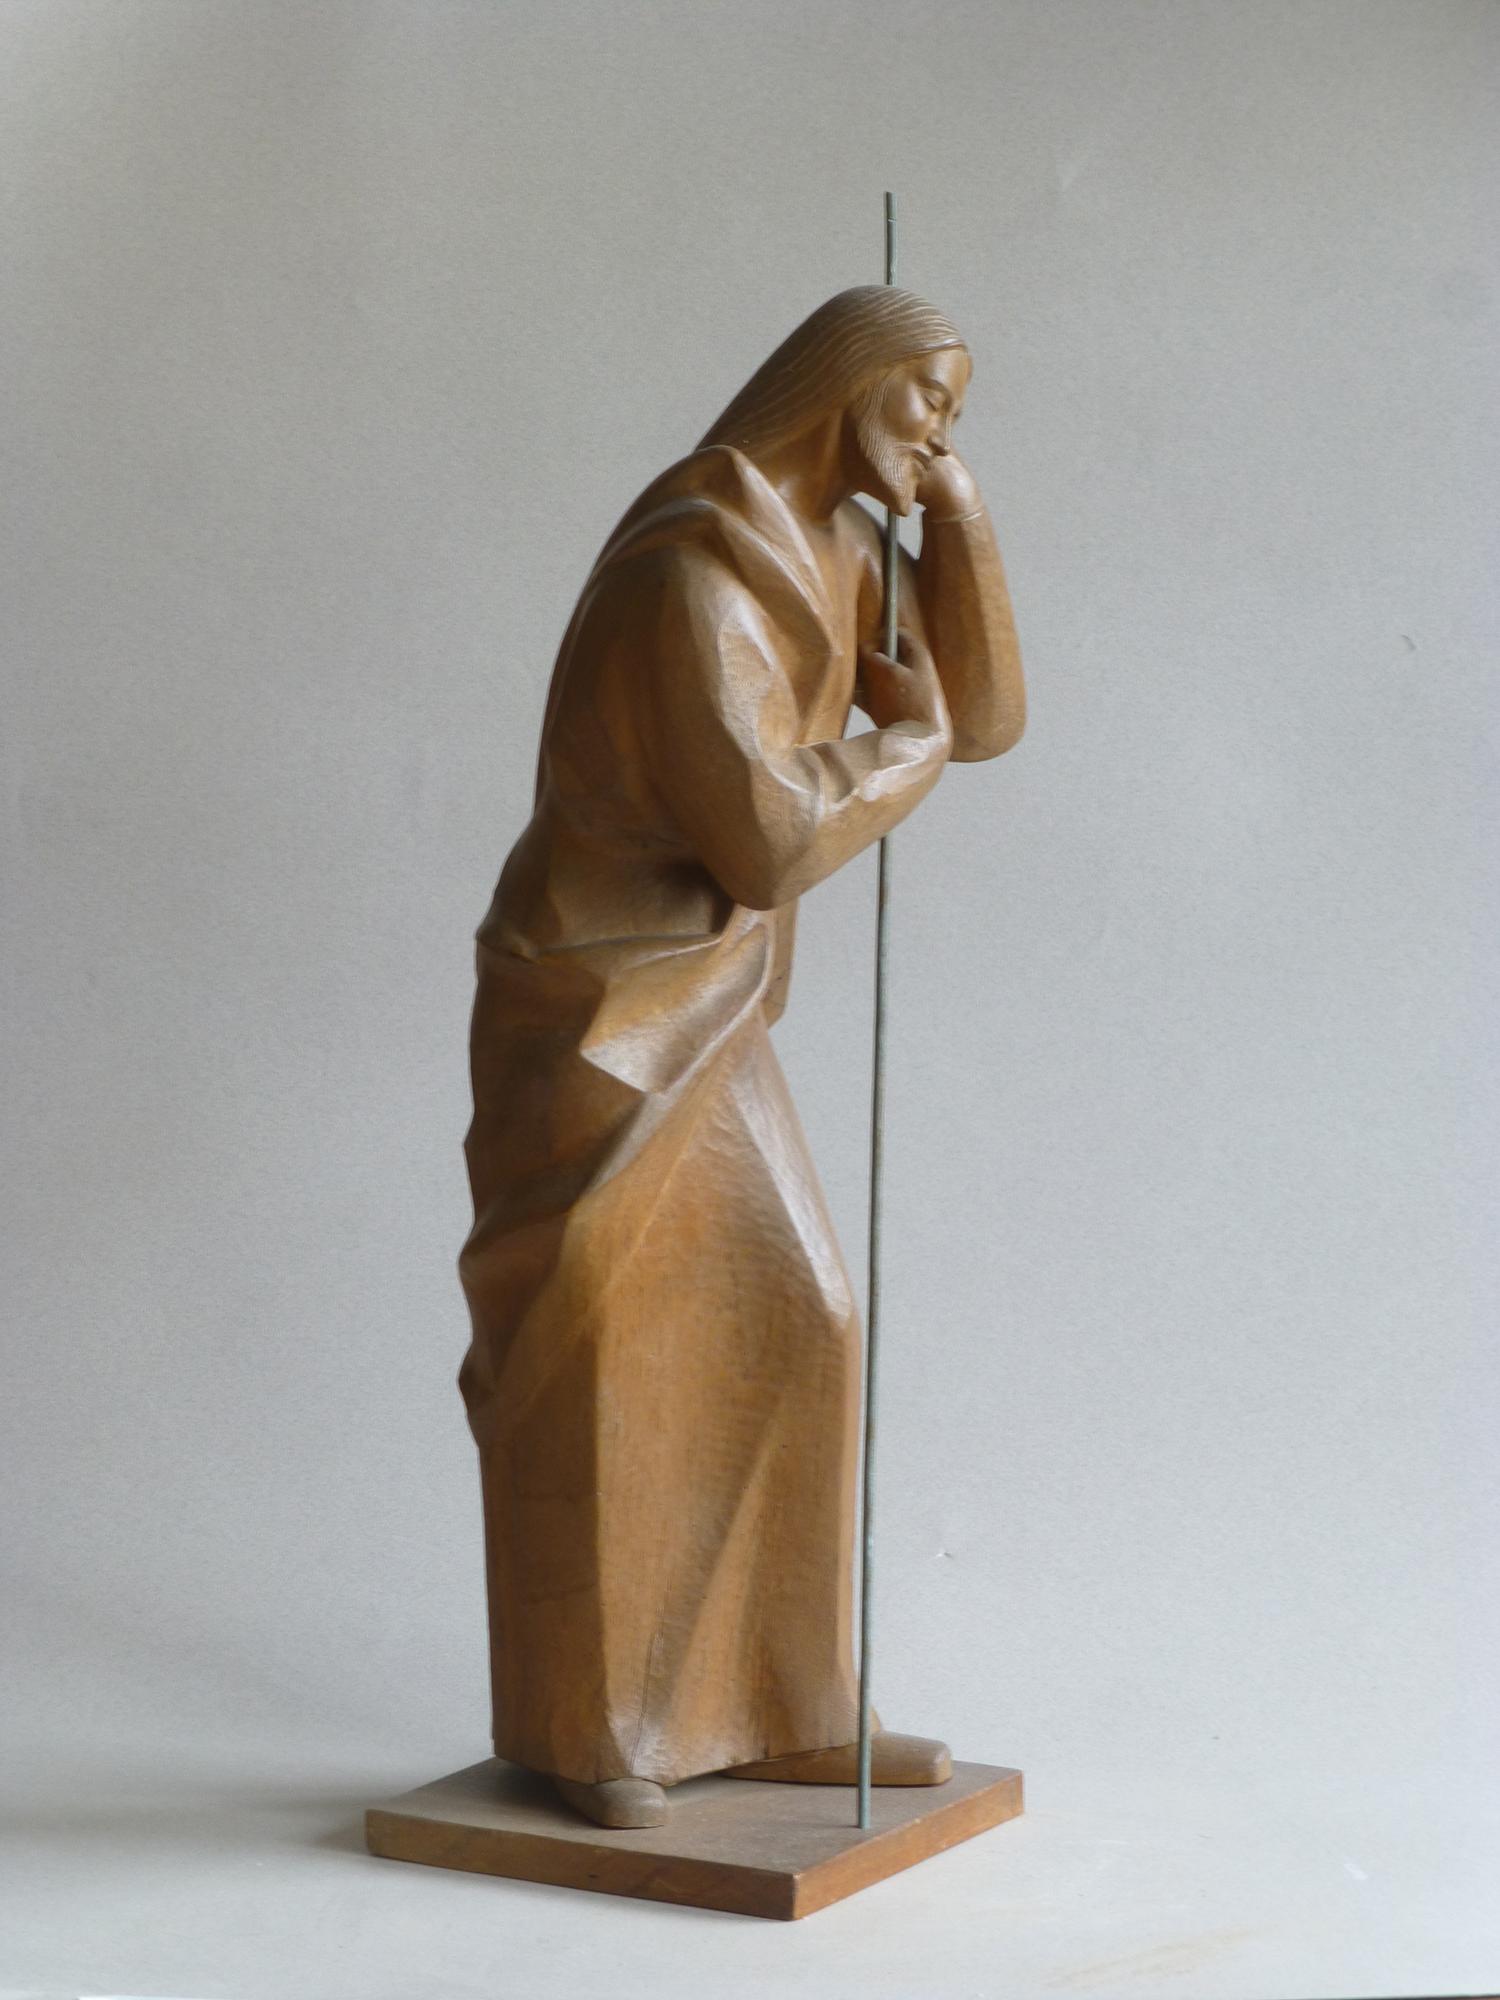 1959.2. San José. Nacimiento con 3 figuras, madera de nogal, 46x14x14 cms.,. 1959